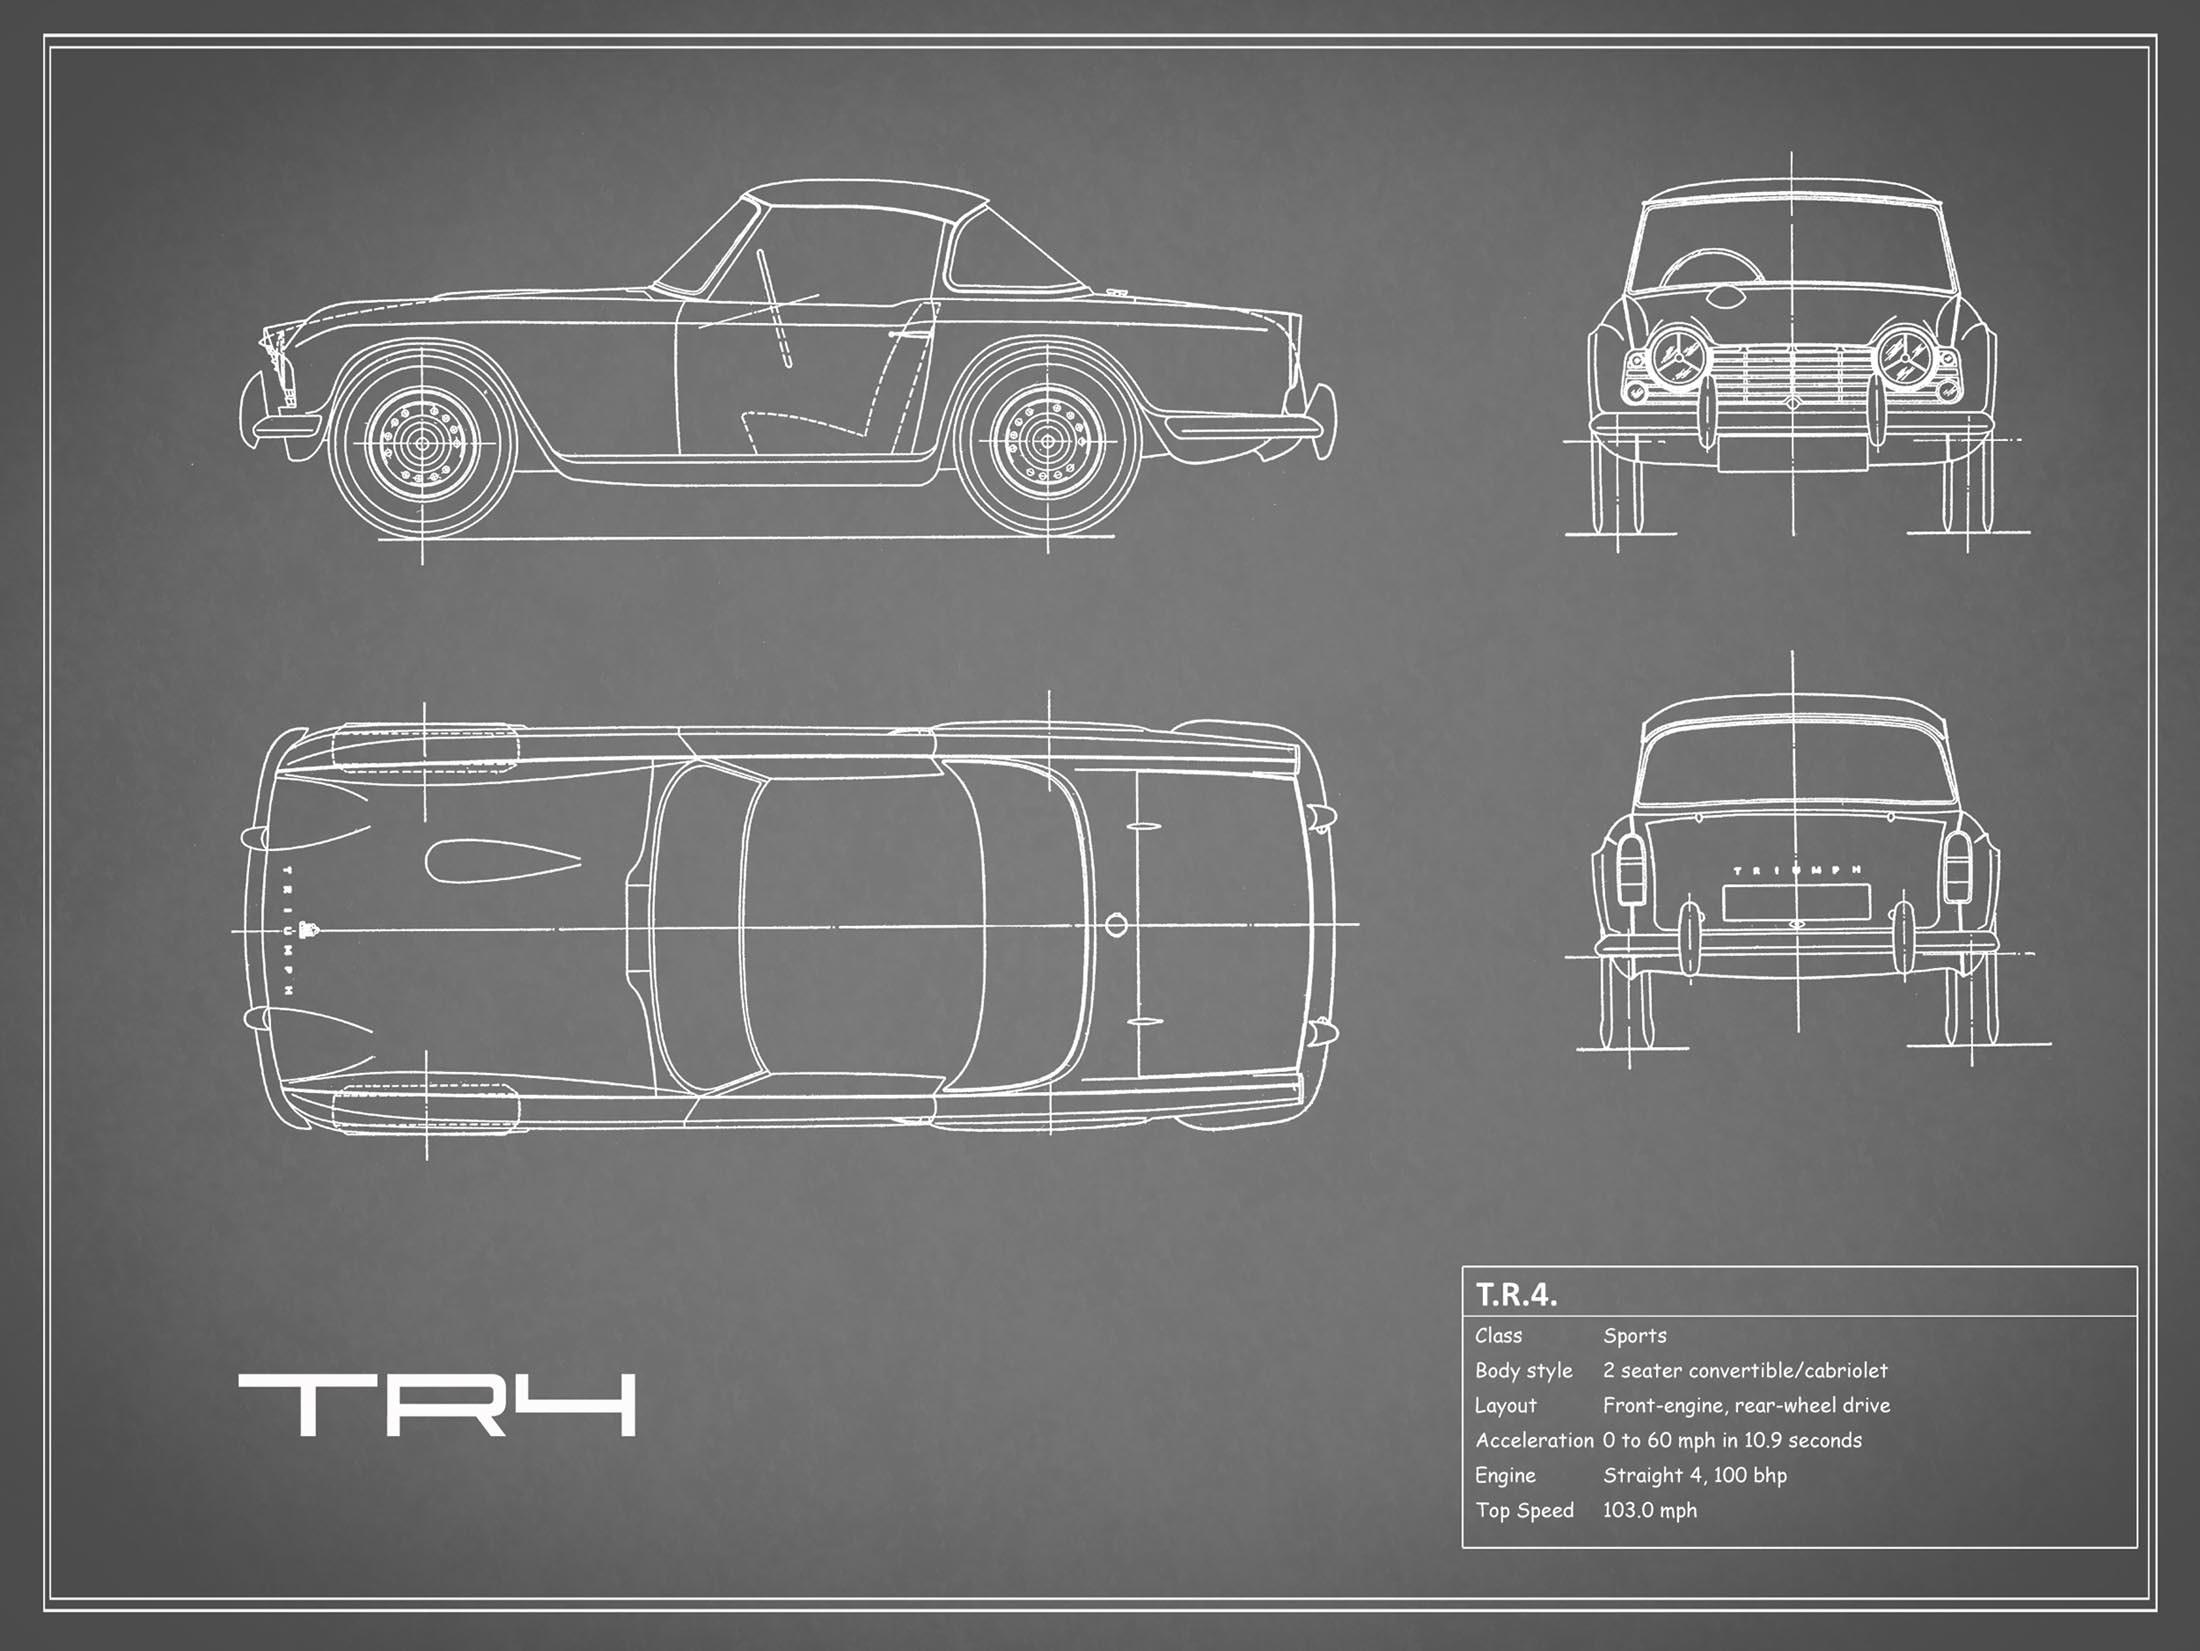 Triumph TR4 - Gray